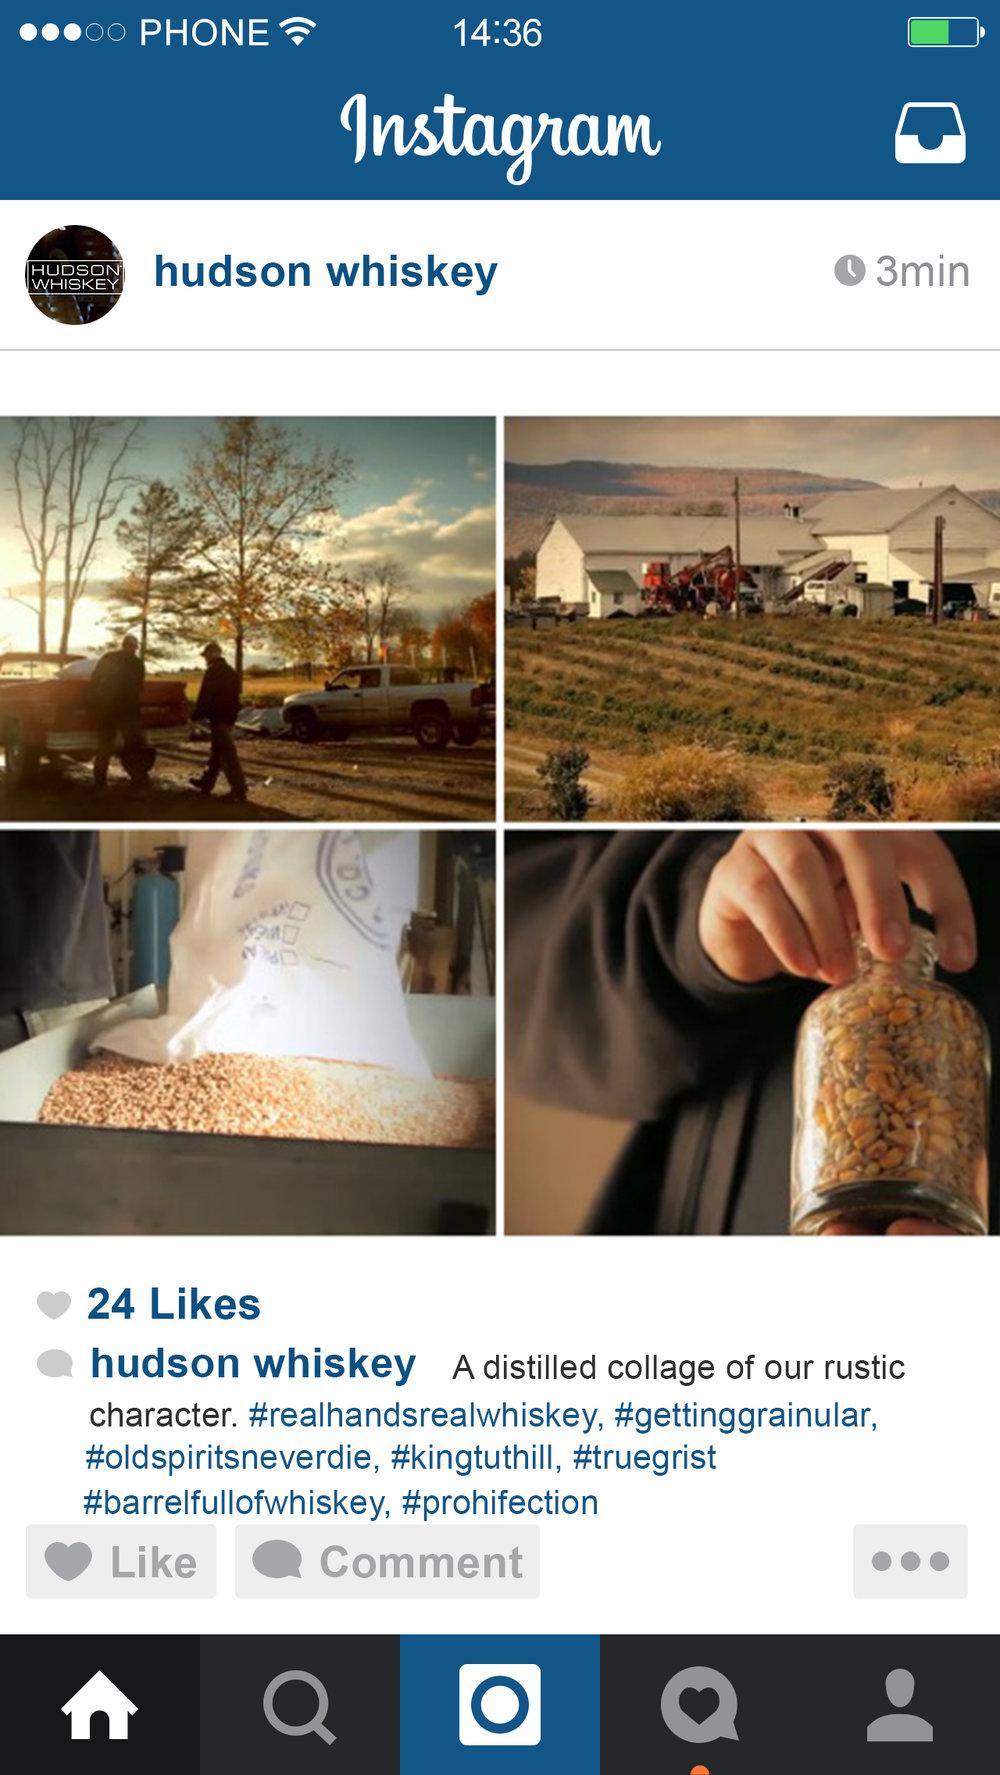 Social Media: Instagram 1